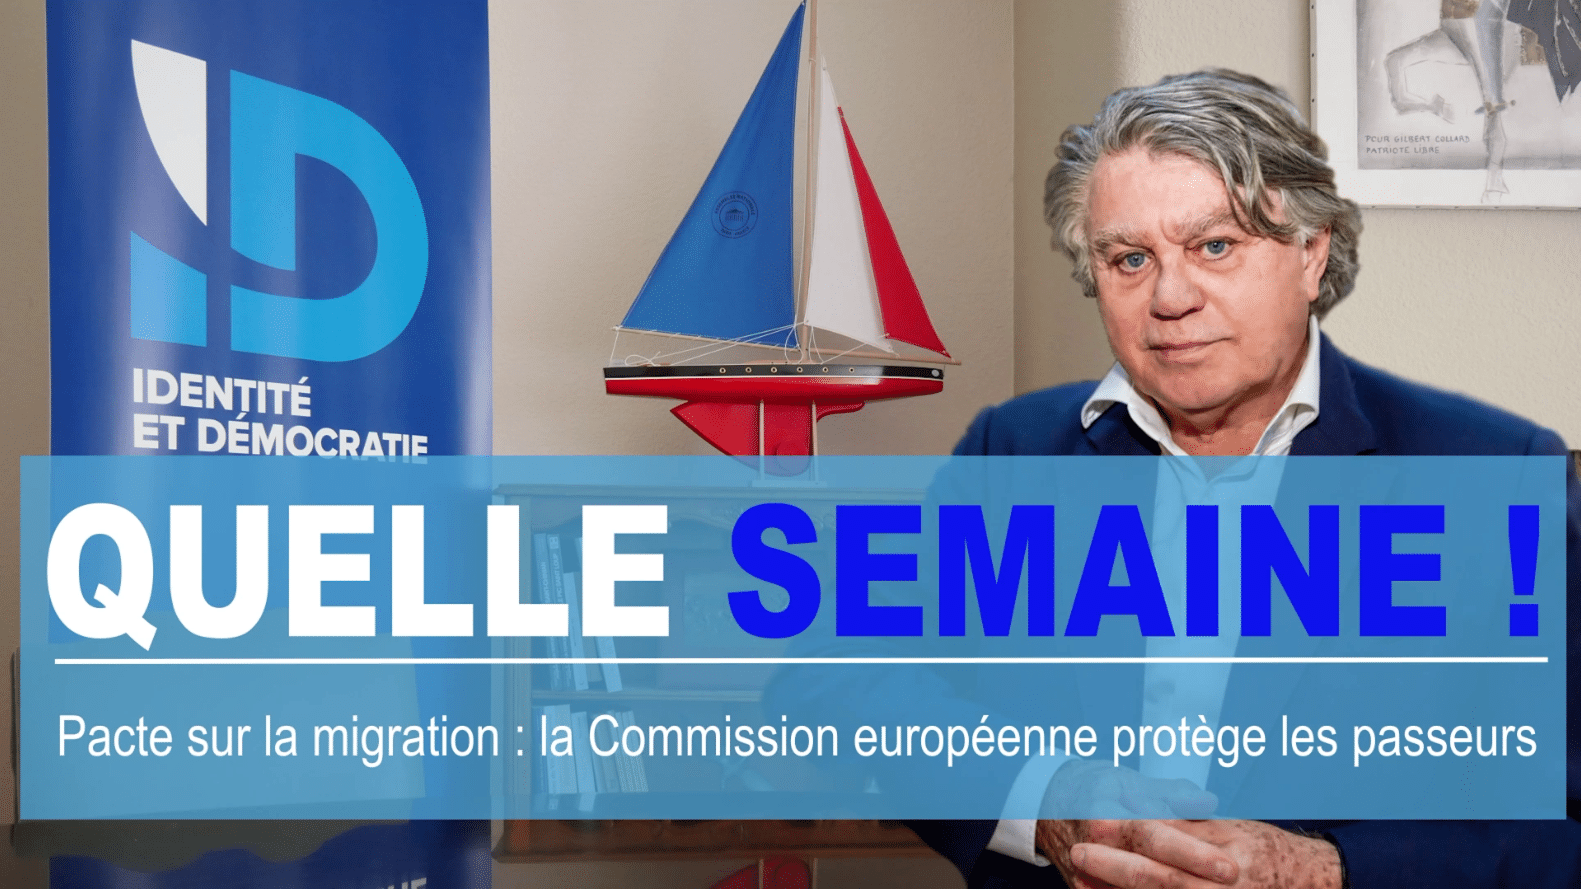 Quelle semaine ! Pacte sur la migration : la Commission européenne protège les passeurs